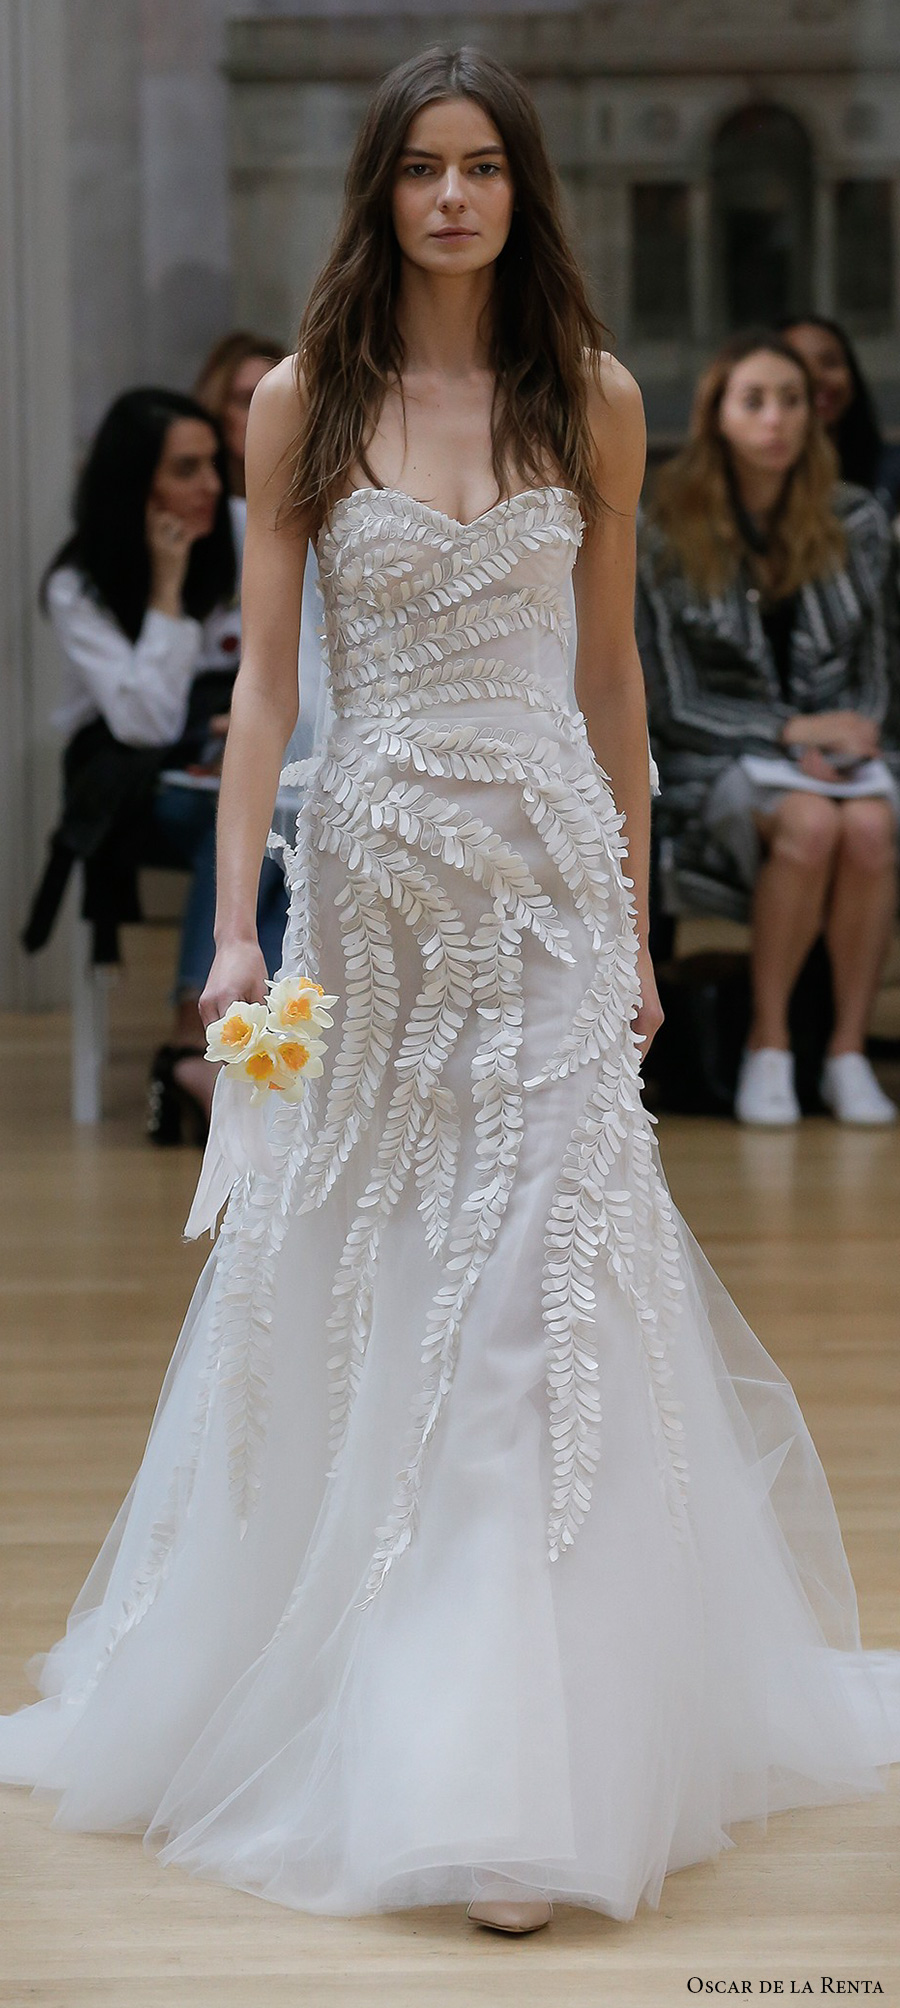 Wedding Dresses Oscar De La Renta 59 Nice oscar de la renta